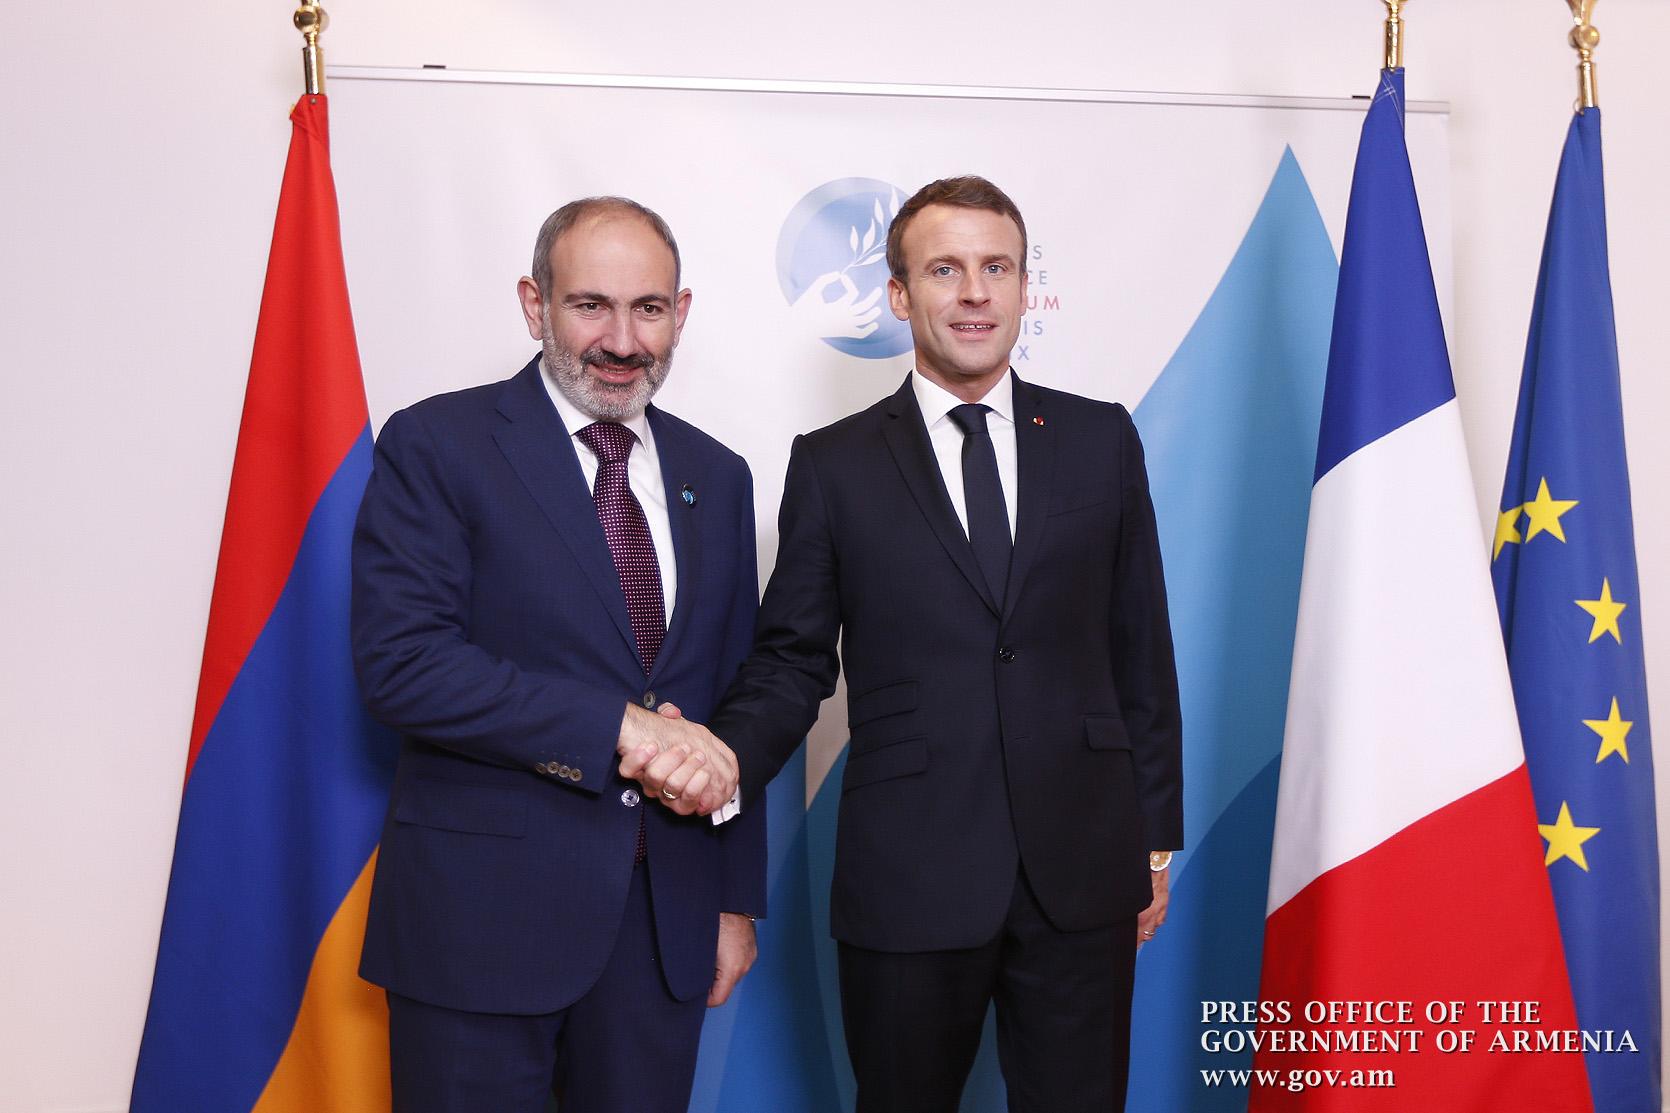 Никто не может говорить с Арменией с позиции силы |  Никол Пашинян